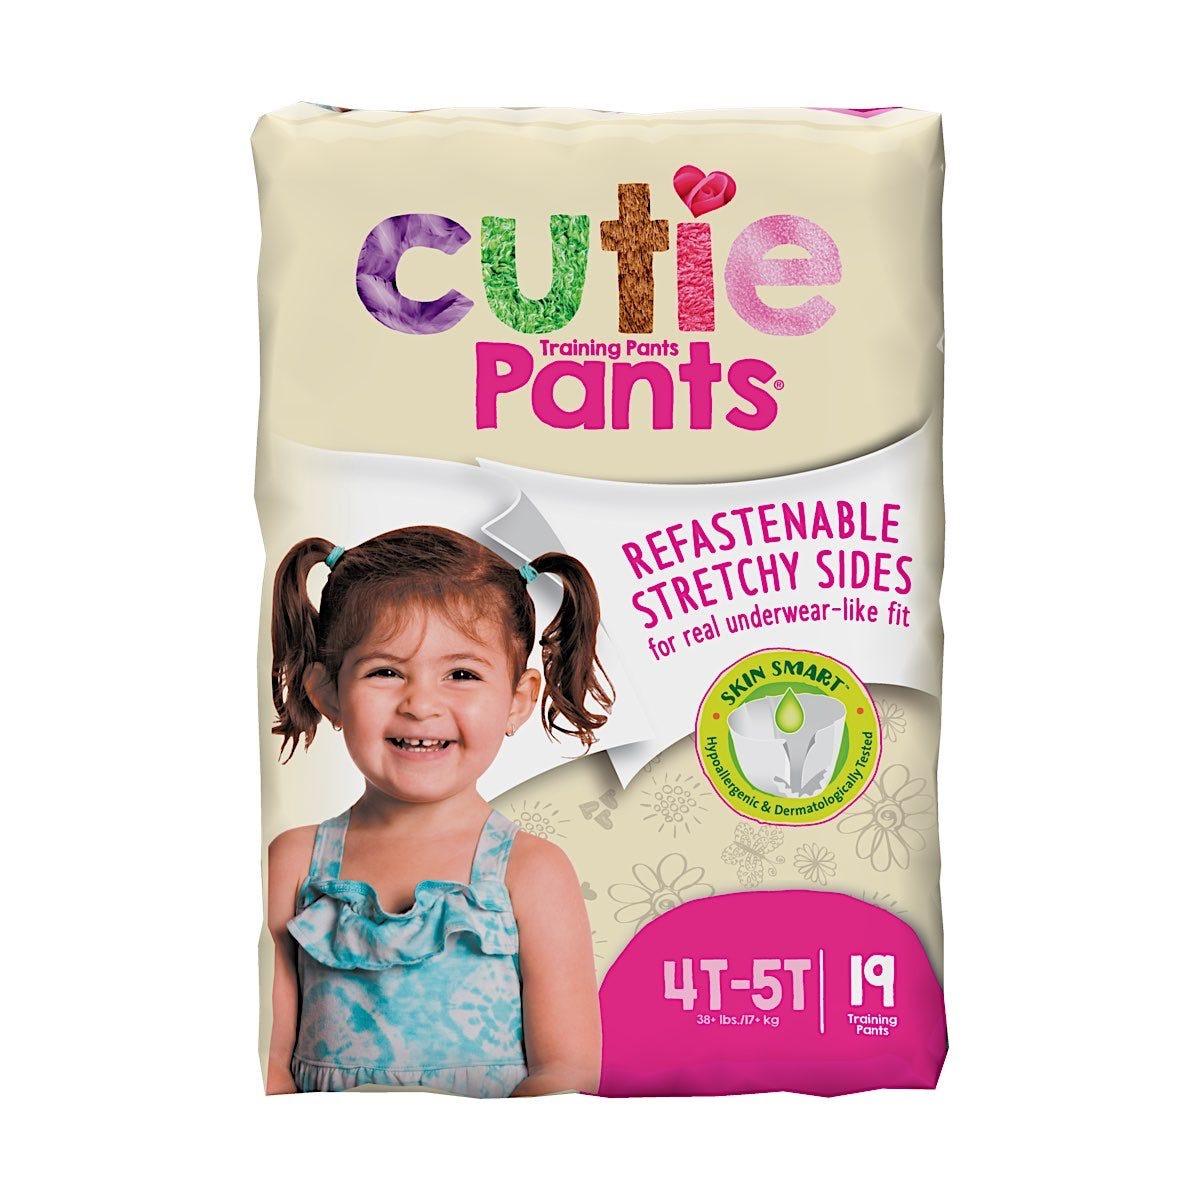 Cuties Training Pants in Bags